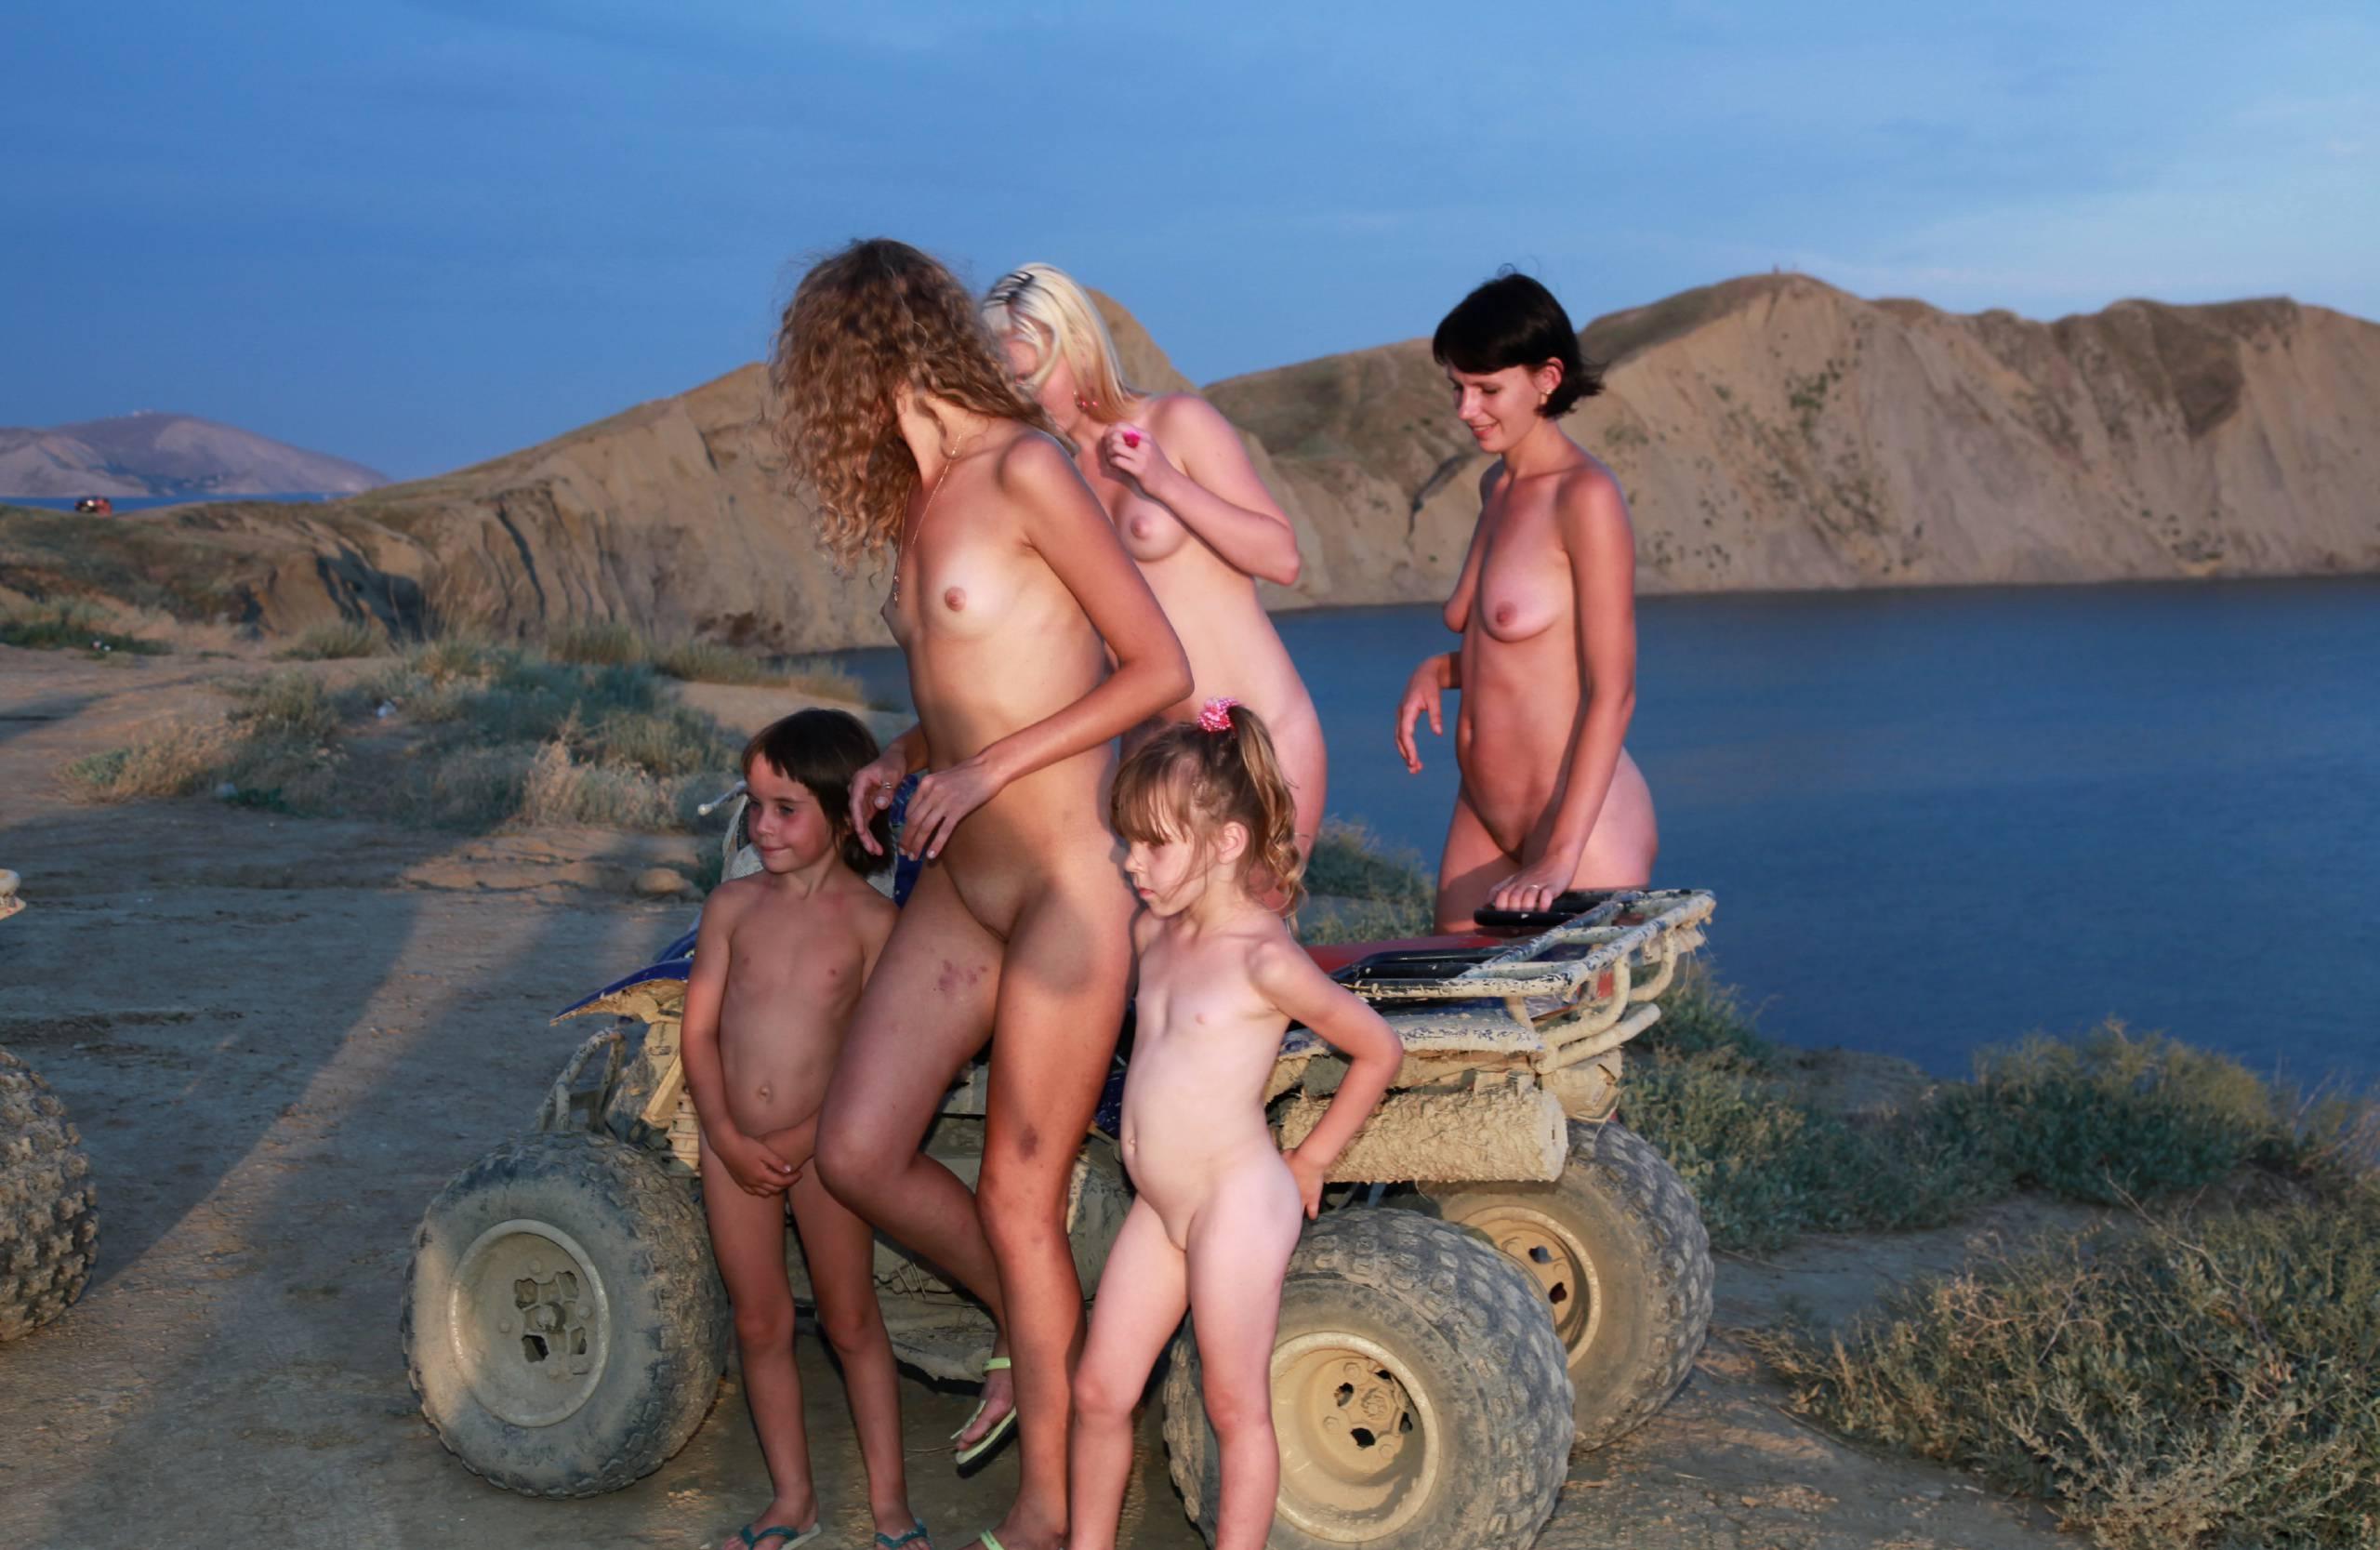 Nudist Gallery Blue Sky ATV Riding - 2